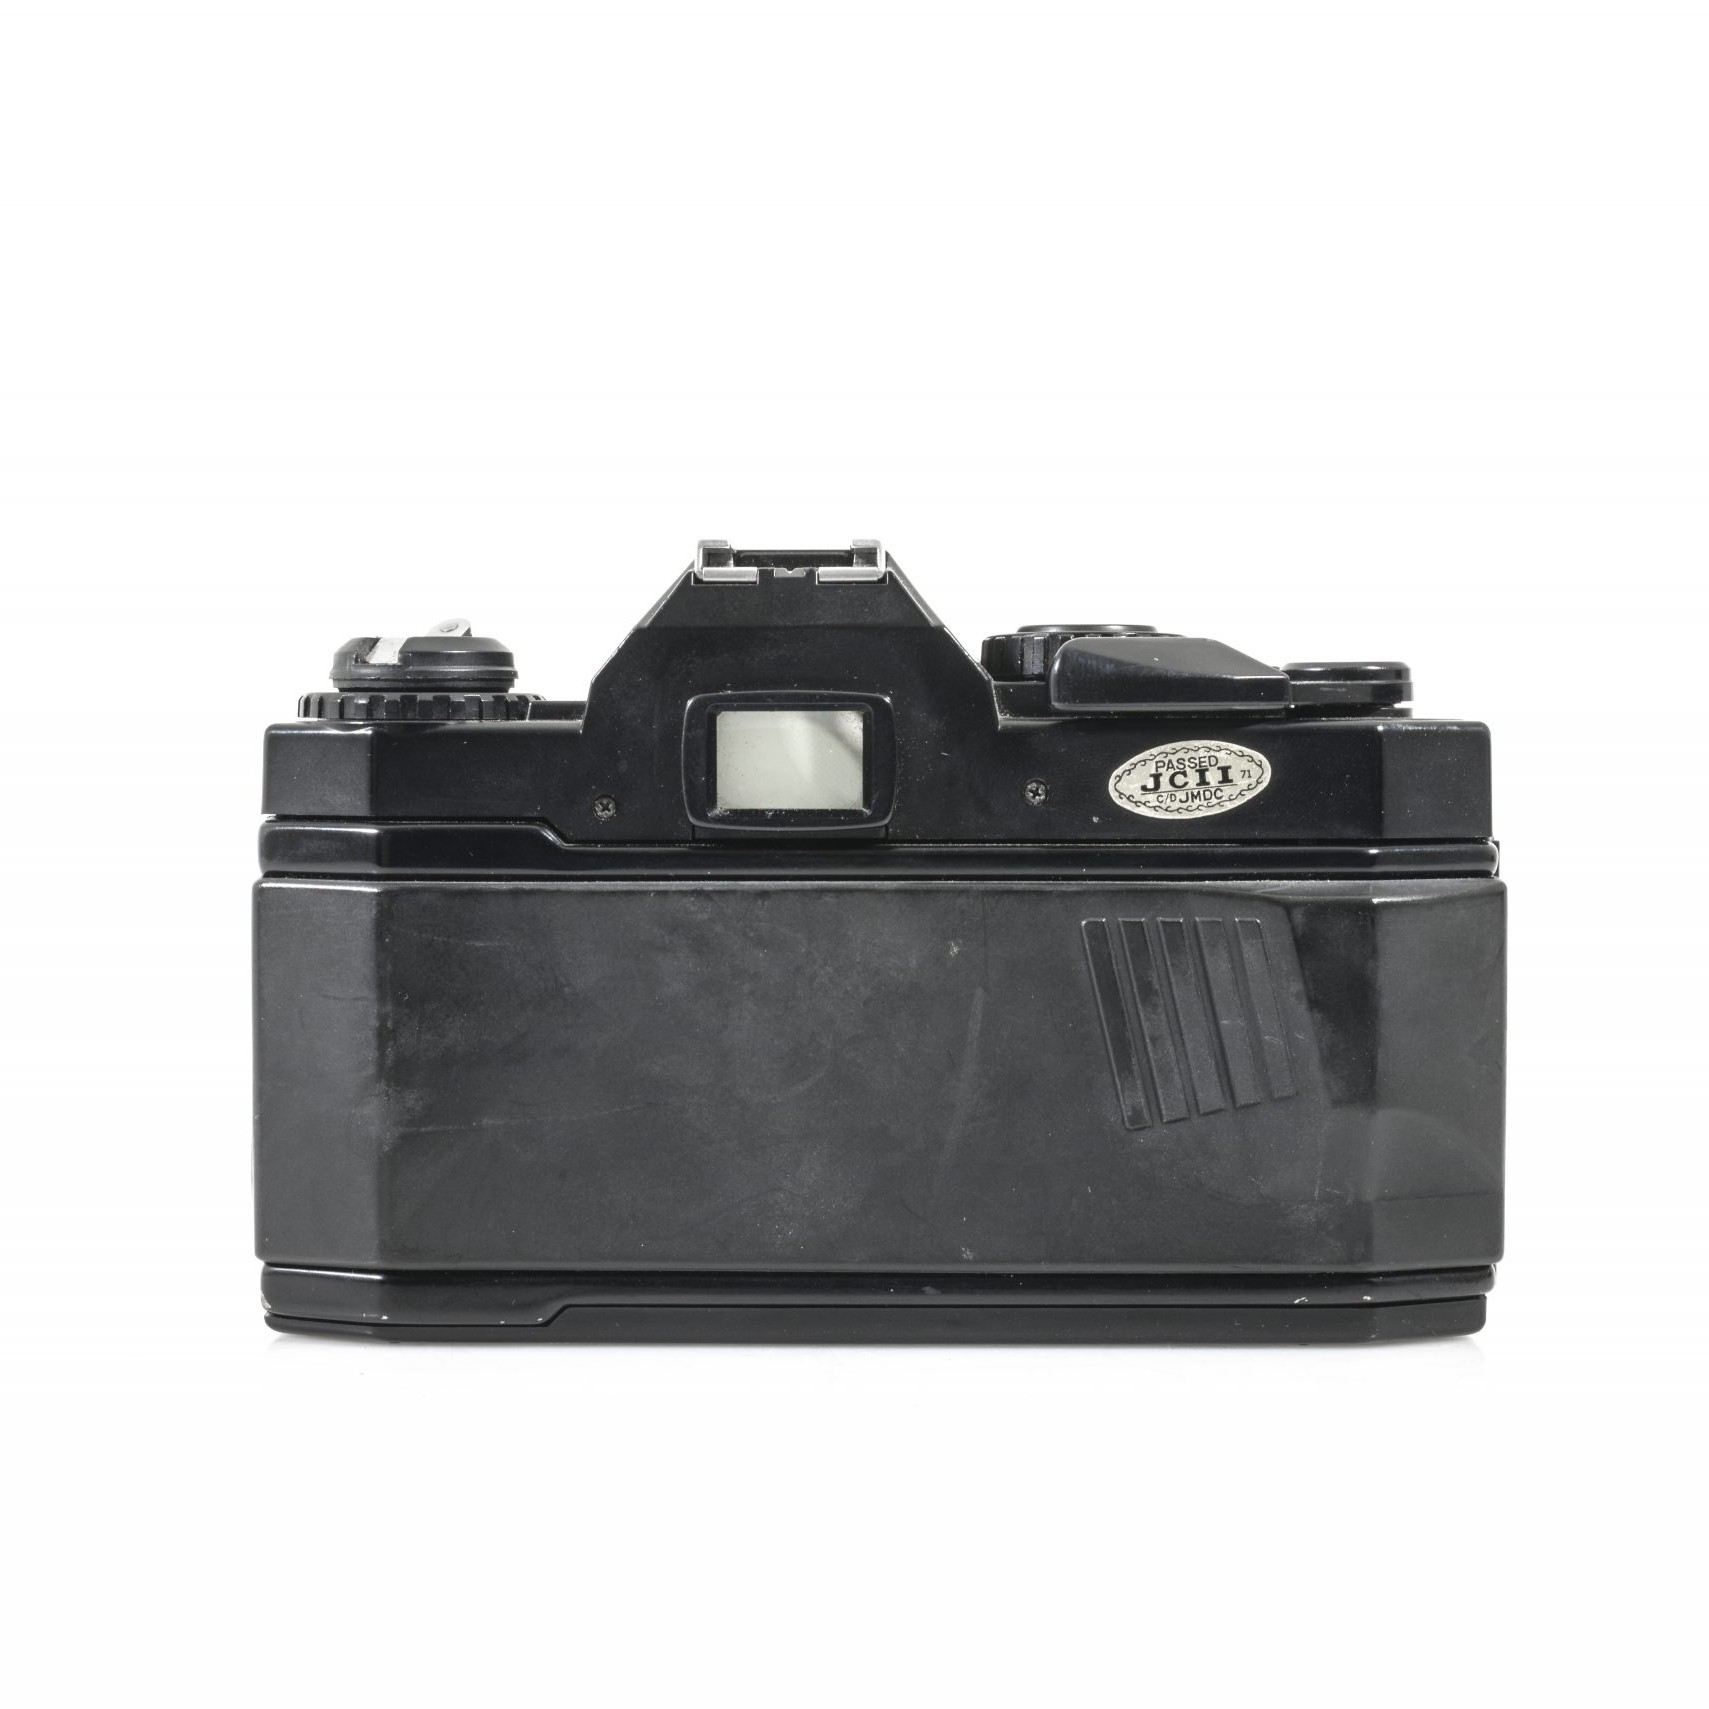 Miranda Ms-3 35mm Film Camera with Miranda 28-70mm F3.5-4.8 Lens